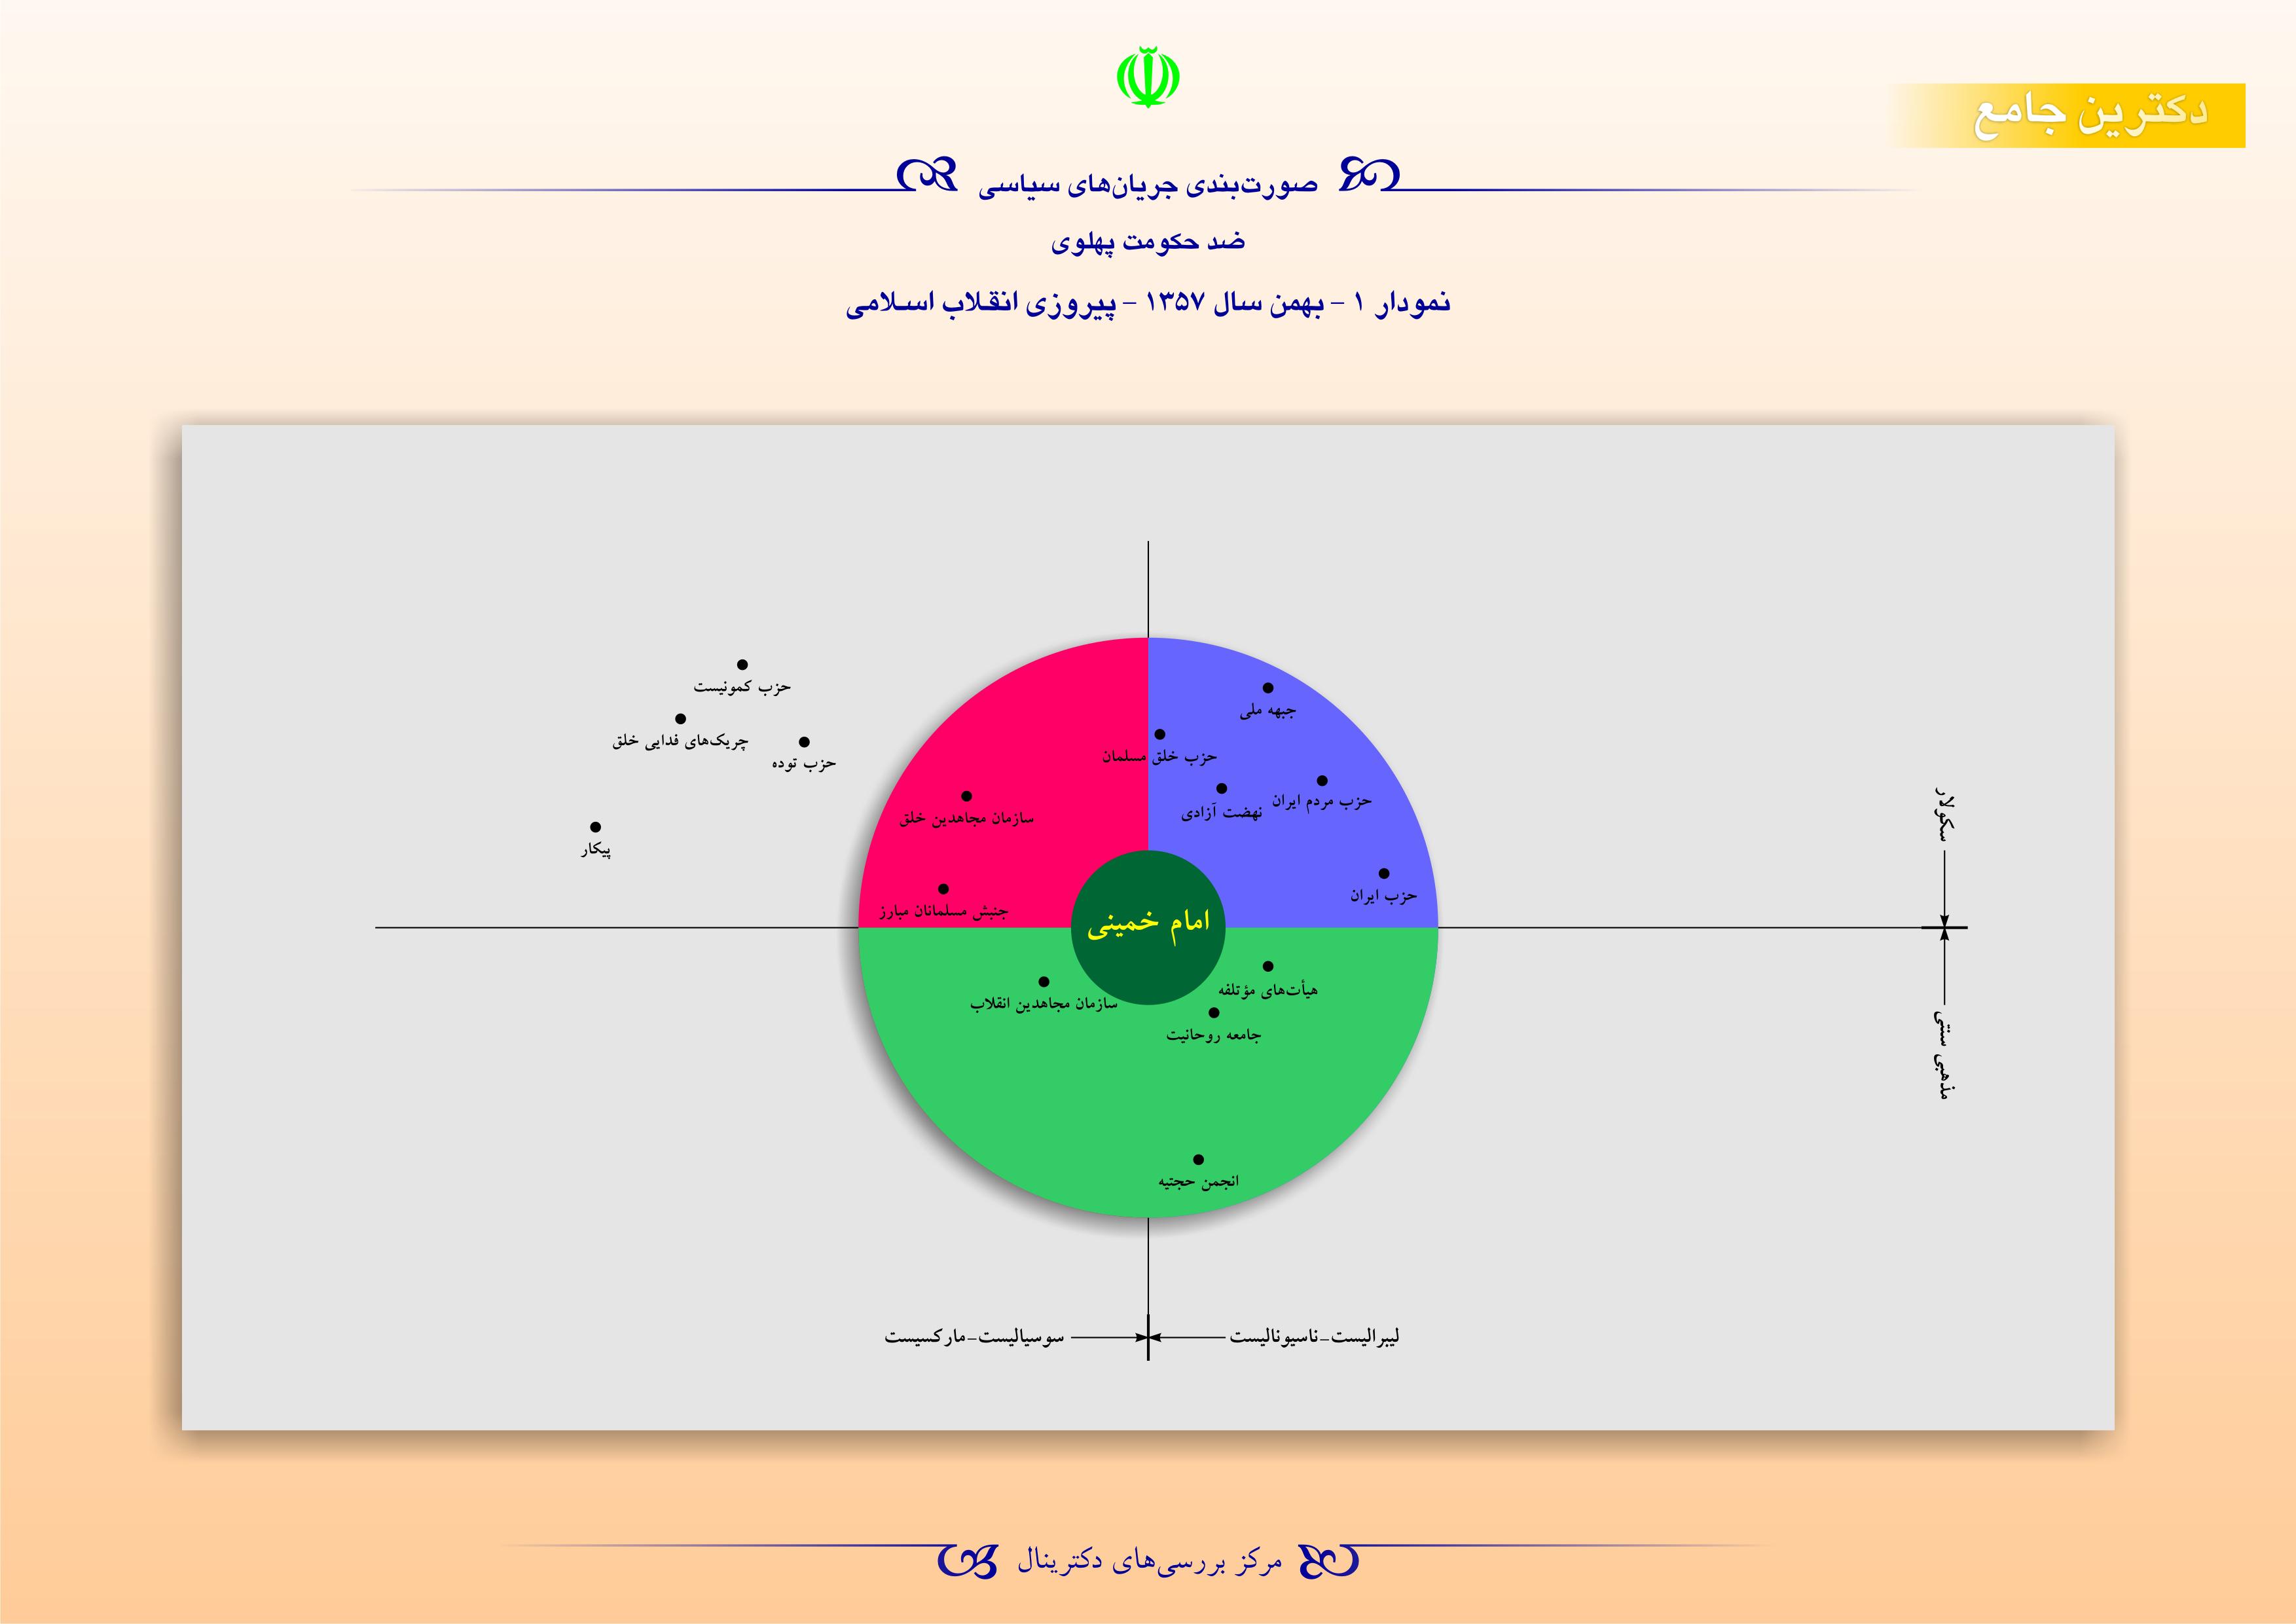 صورتبندی جریانهای سیاسی ضد حکومت پهلوی - بهمن سال 1357